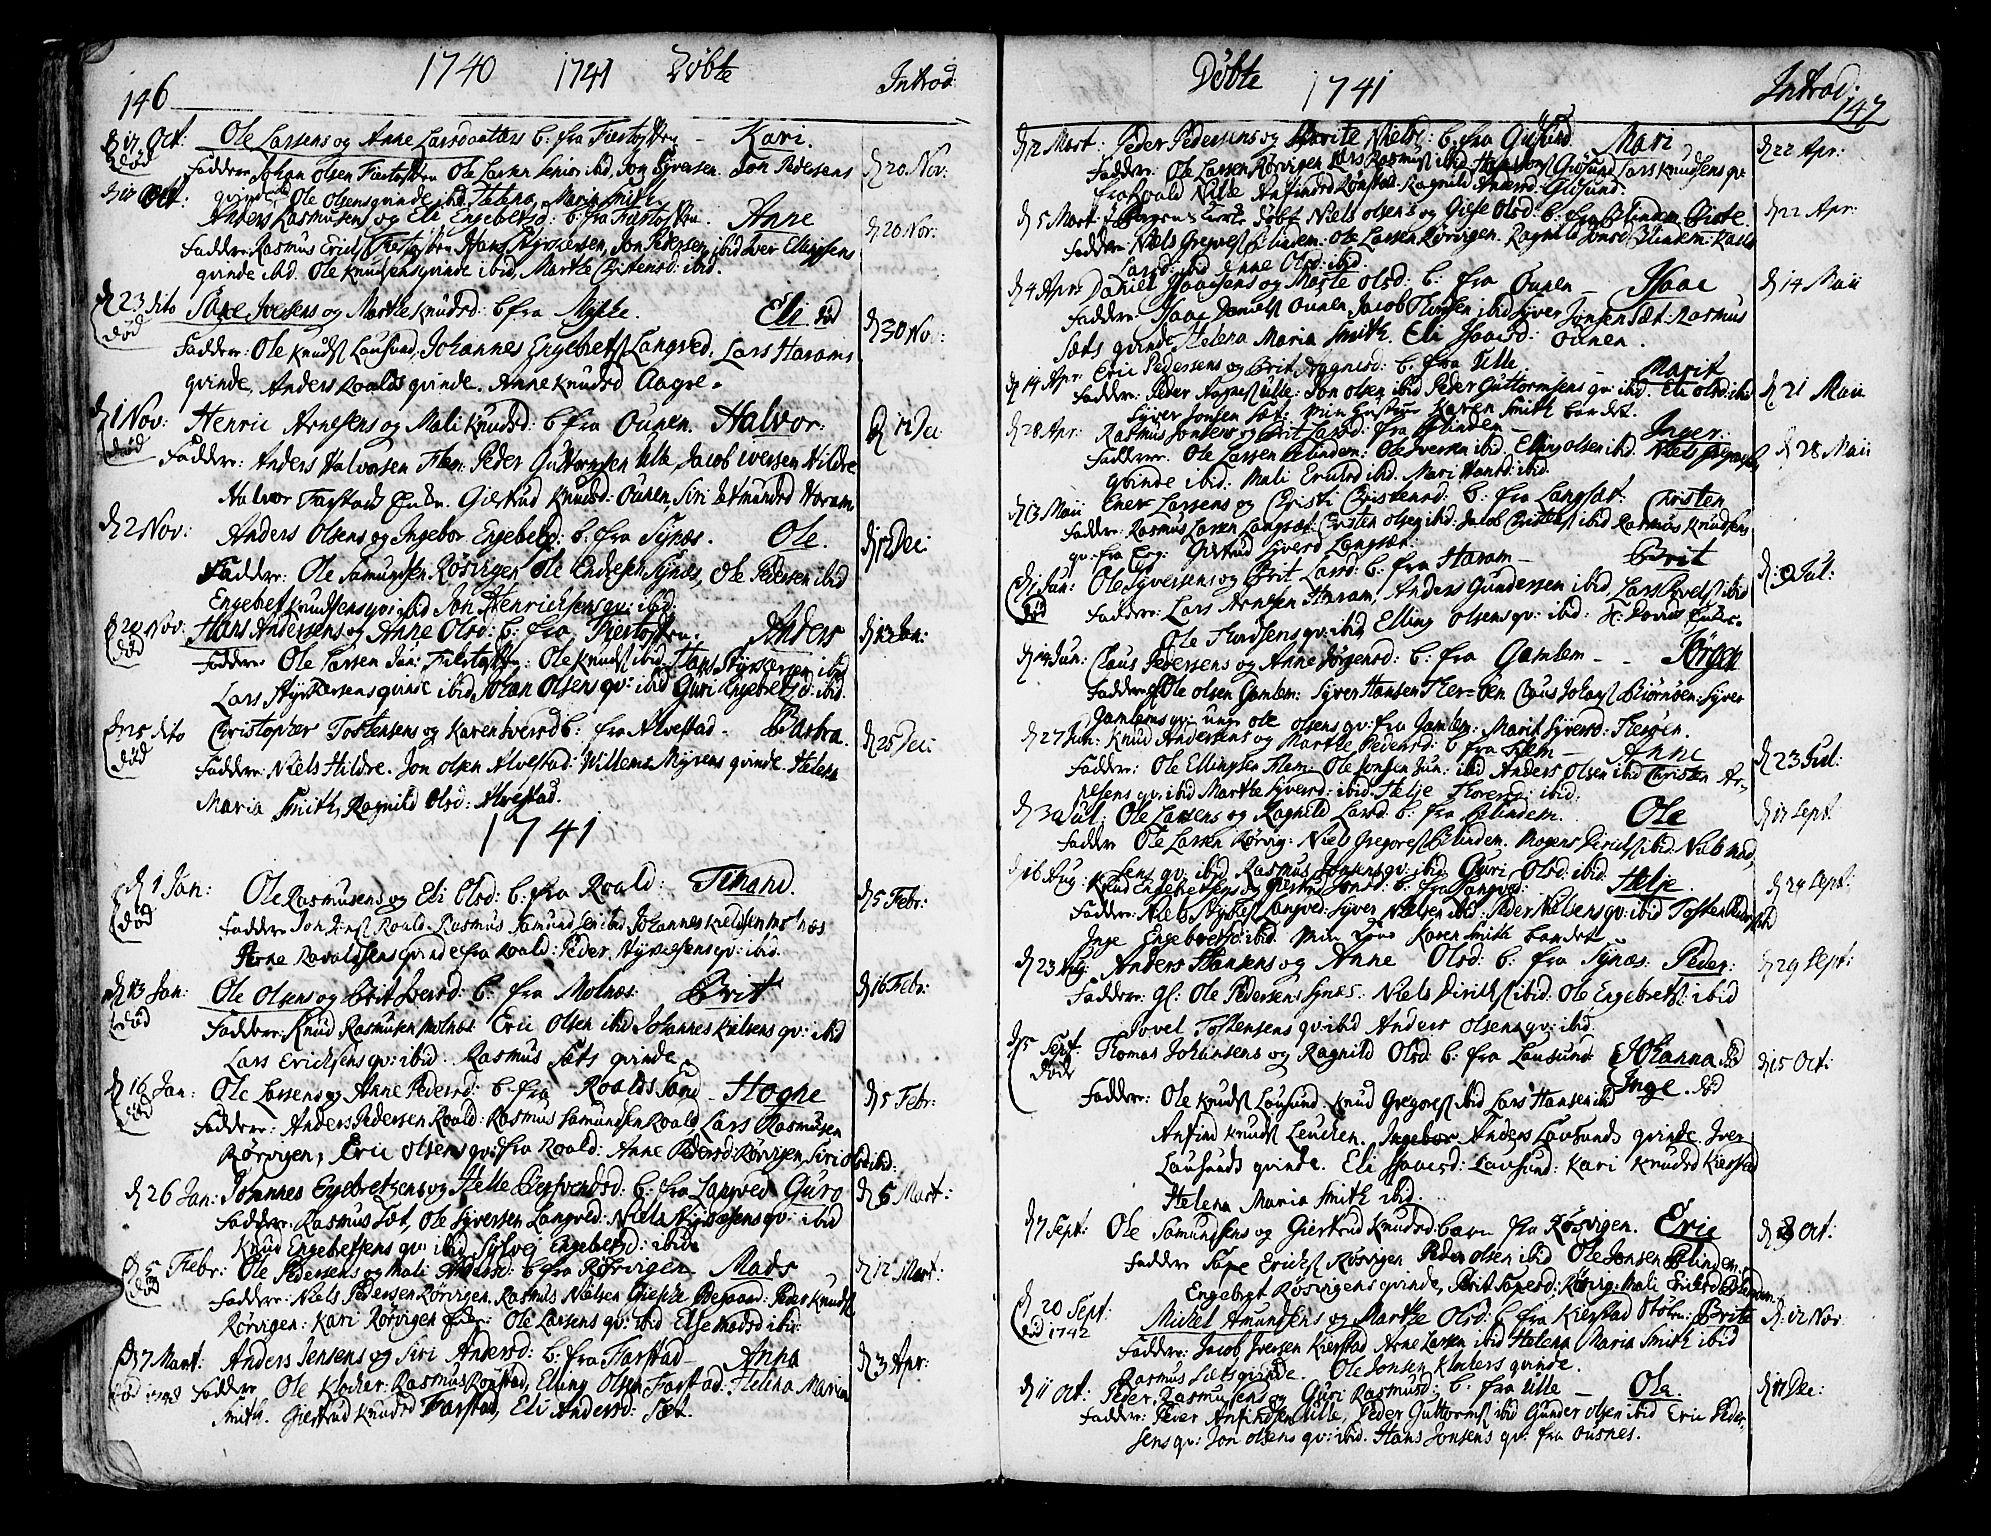 SAT, Ministerialprotokoller, klokkerbøker og fødselsregistre - Møre og Romsdal, 536/L0493: Ministerialbok nr. 536A02, 1739-1802, s. 146-147